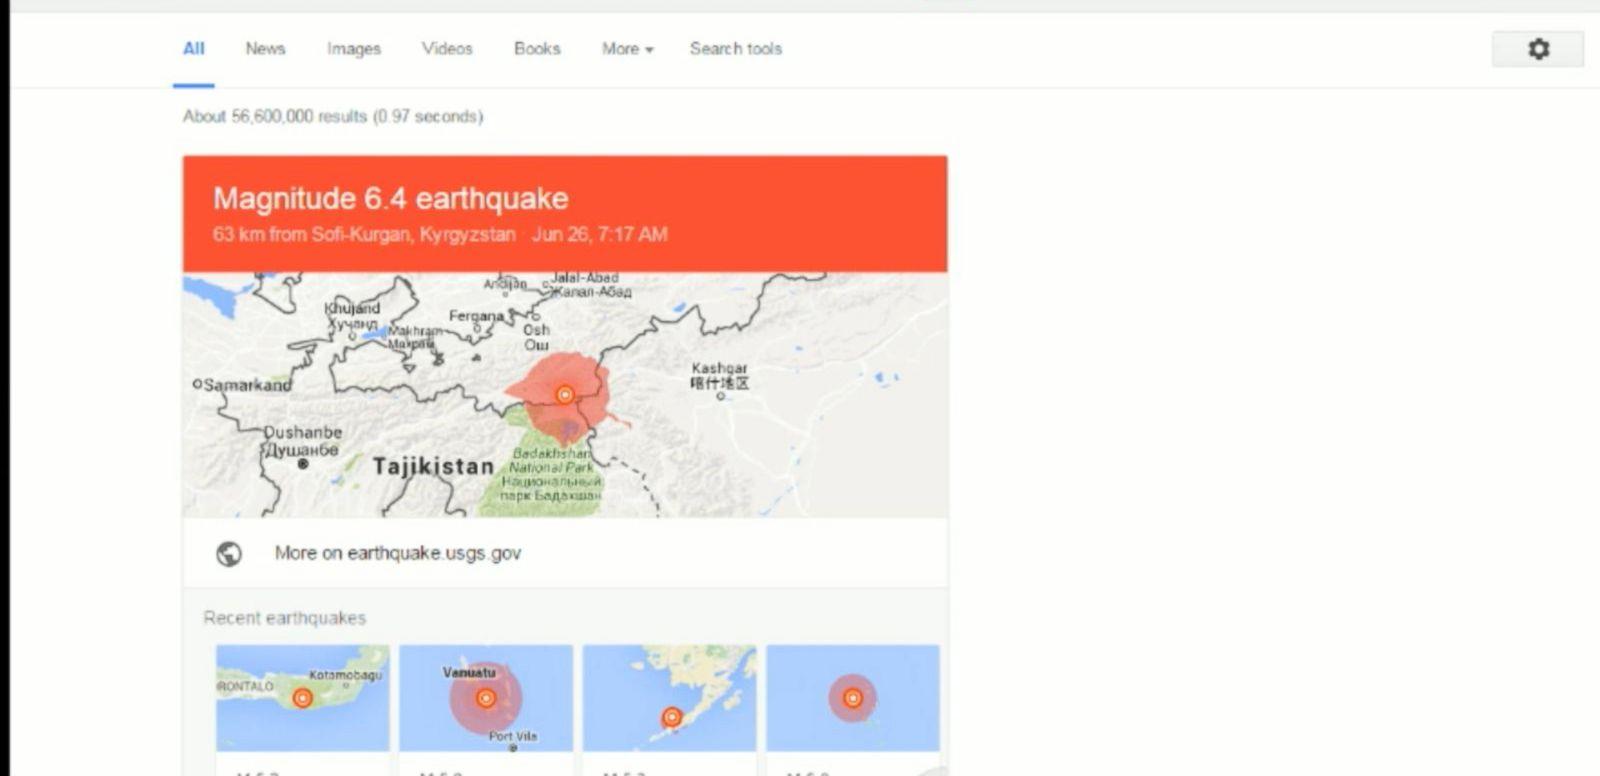 Google Earthquake Alerts